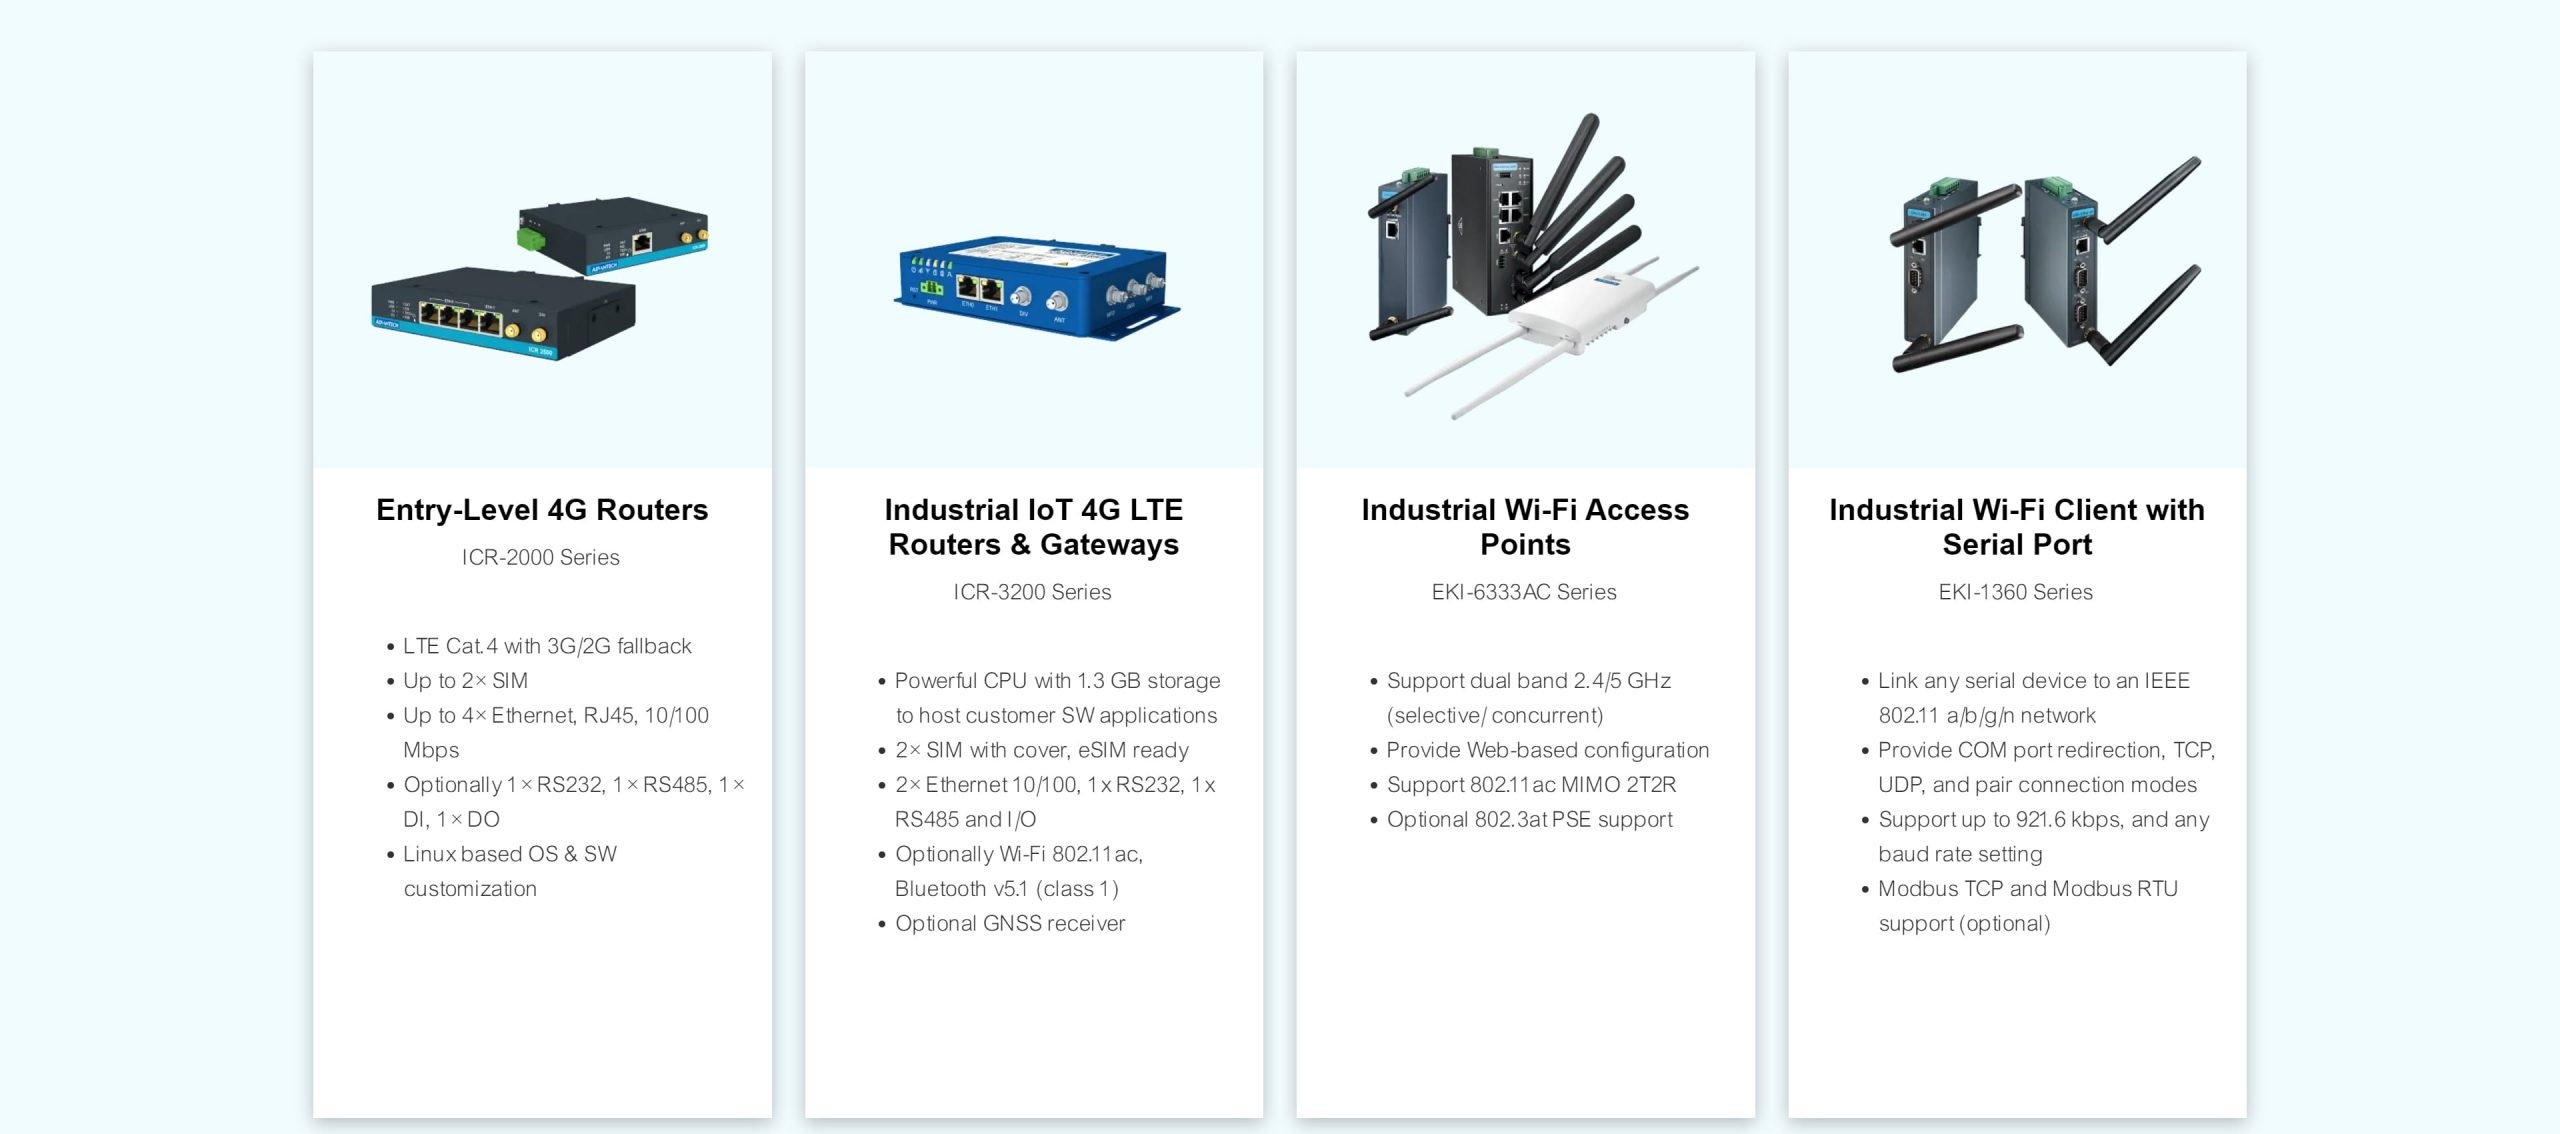 Amplicon middle east-advantech-intelligent-connectivity-en-surveillance-transportation-hub-2021-09-19-12_25_54_06-min